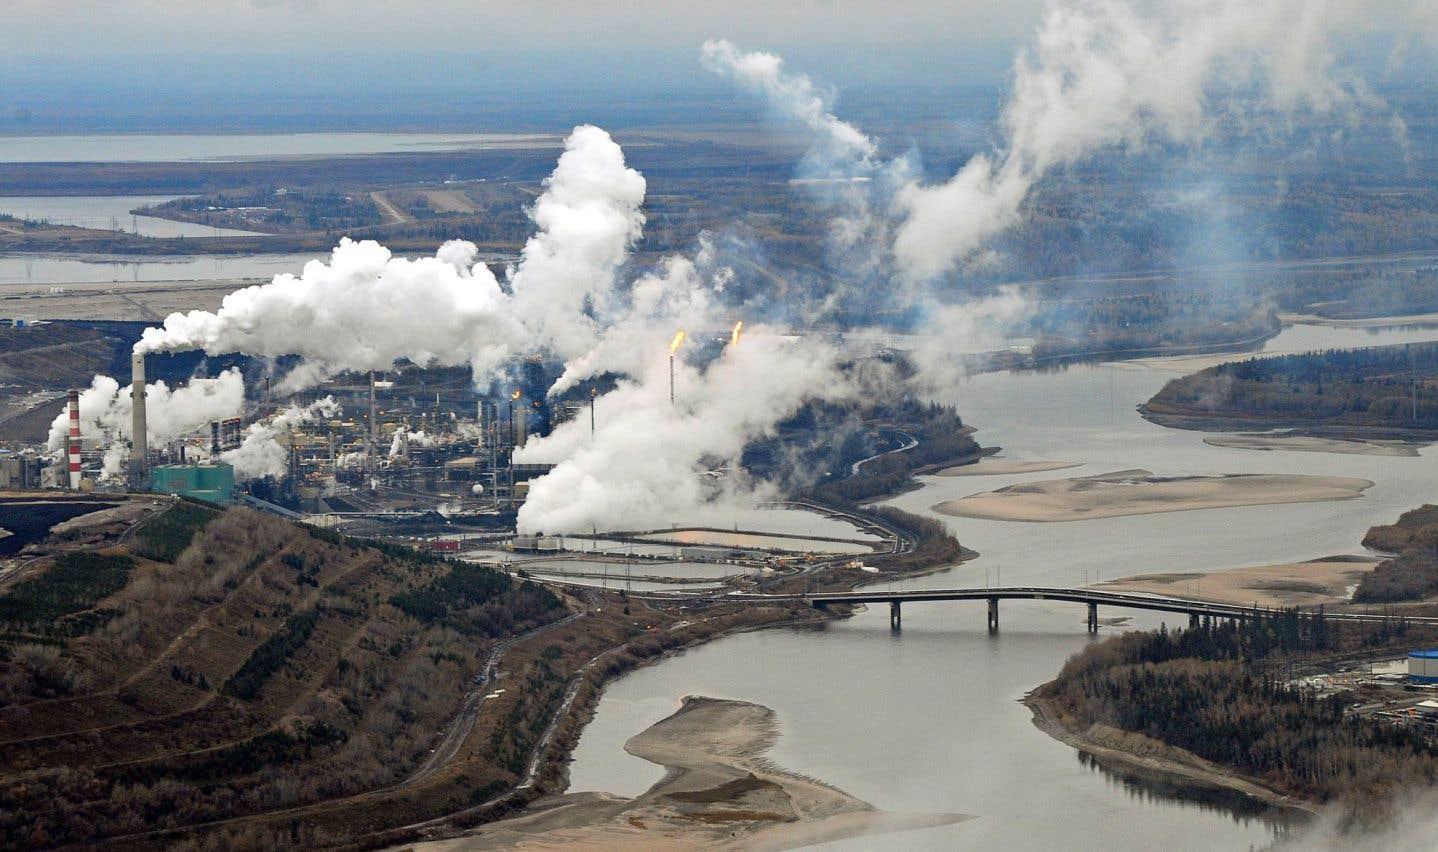 Un site d'extraction de sables bitumineux sur les rives de la rivière Athabasca près de Fort McMurray en Alberta